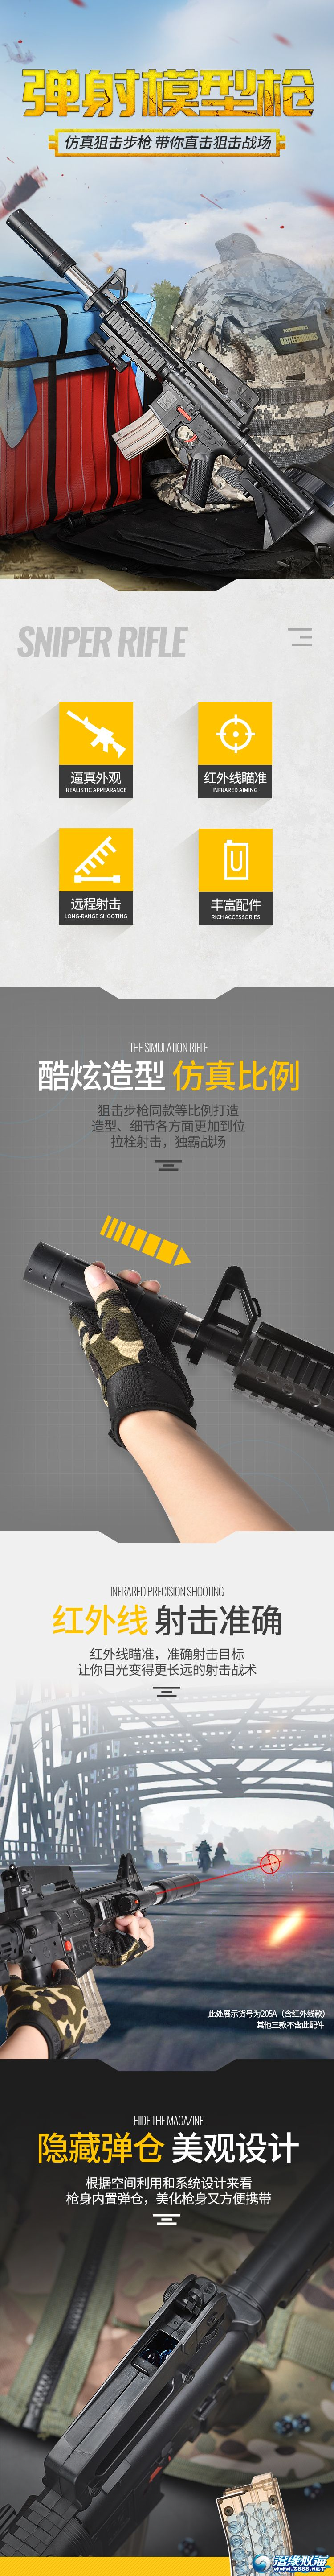 盟智玩具厂-(205,205A,205C)-弹射模型枪-中文详情页_01.jpg